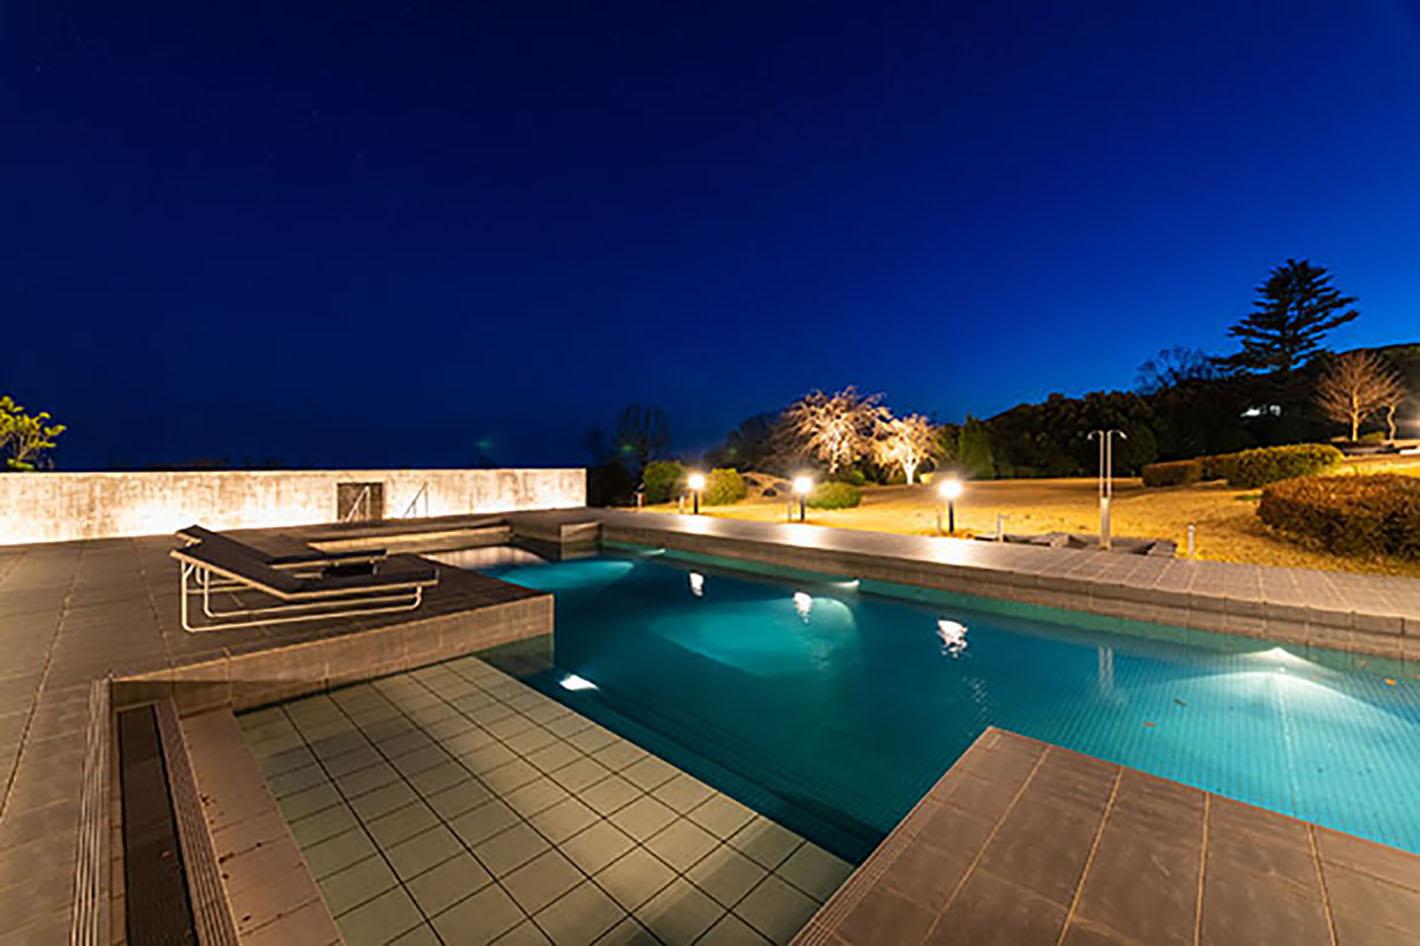 伊豆にあるリゾートホテルUMITO the salon IZUにあるプライベートプール